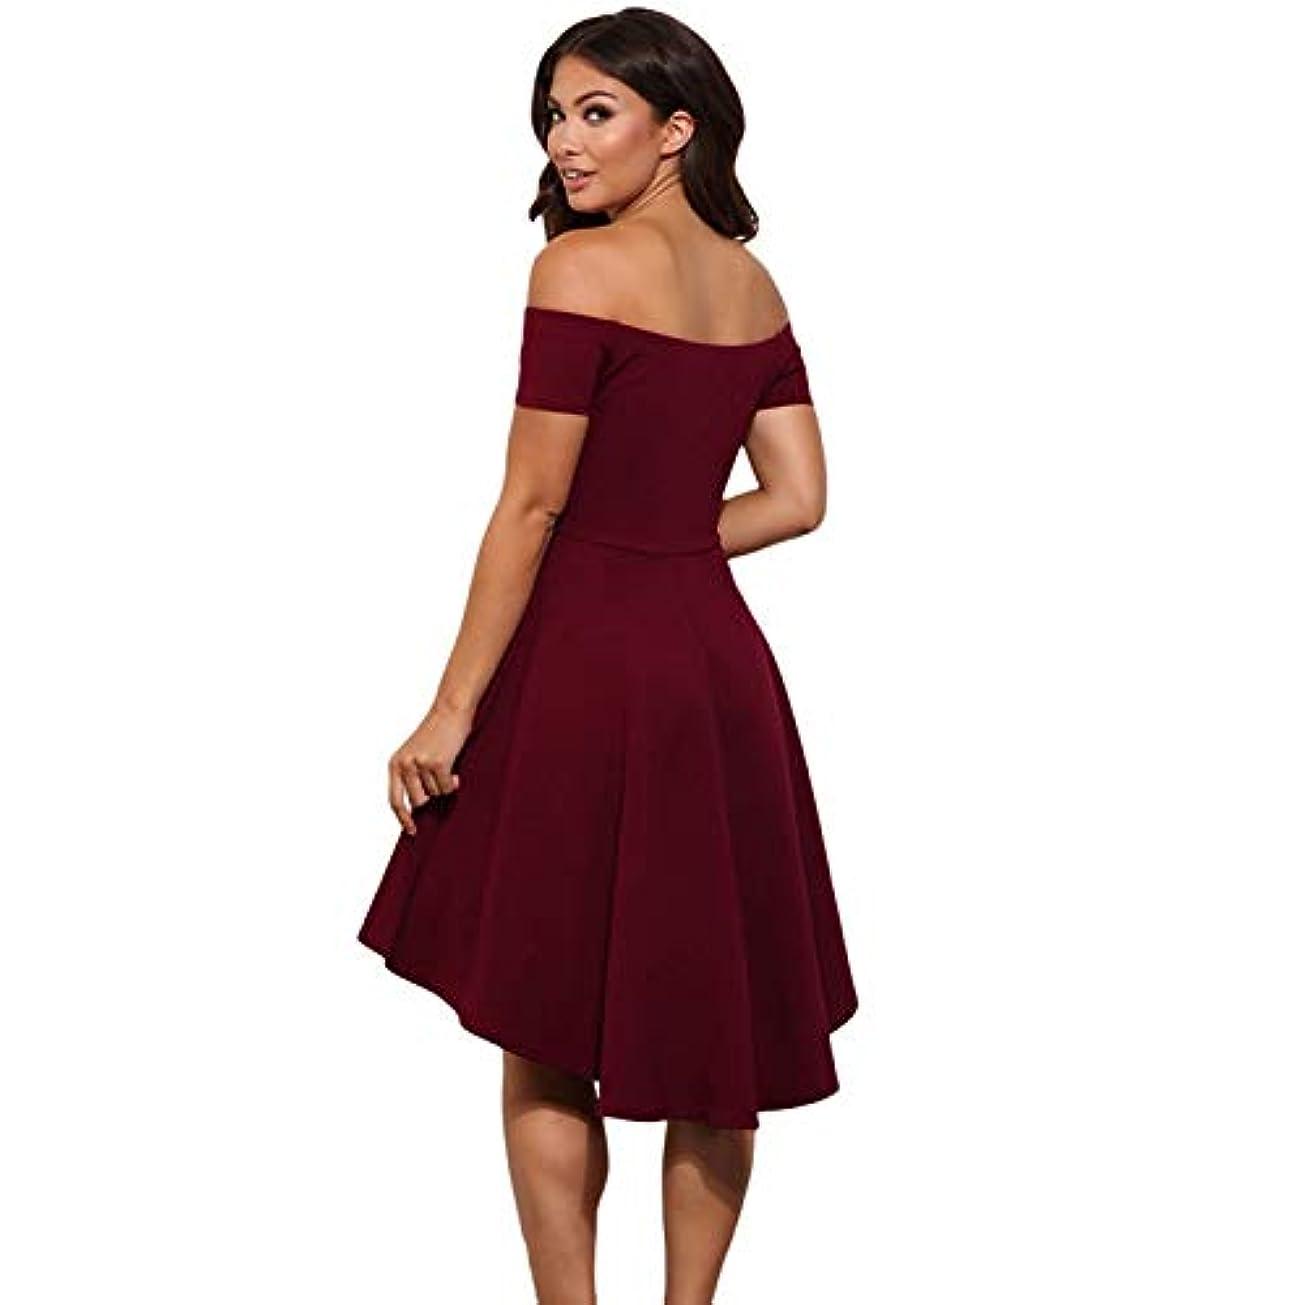 裸試すMaxcrestas - ヴィンテージ女性のセクシーなスラッシュネックソリッドカラーパーティー秋の新しいファッションAライン黒赤ワイン膝丈のドレスドレス